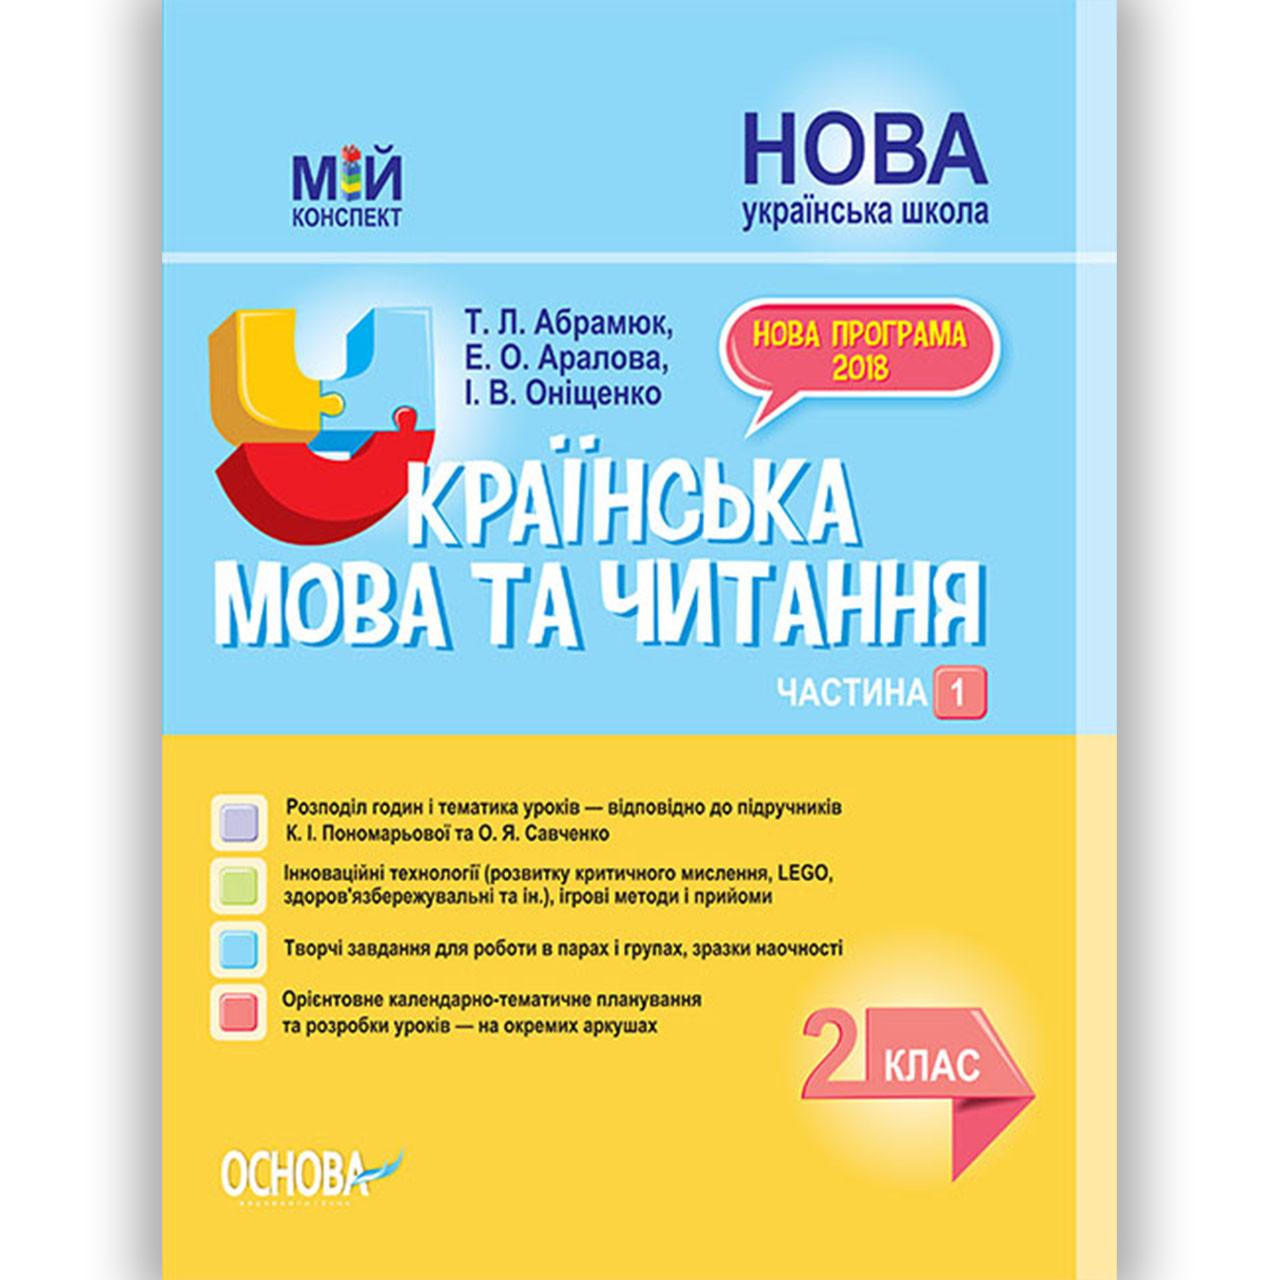 Мій конспект Українська мова та читання 2 клас Частина 1 До підручника Пономарьової К. Вид: Основа